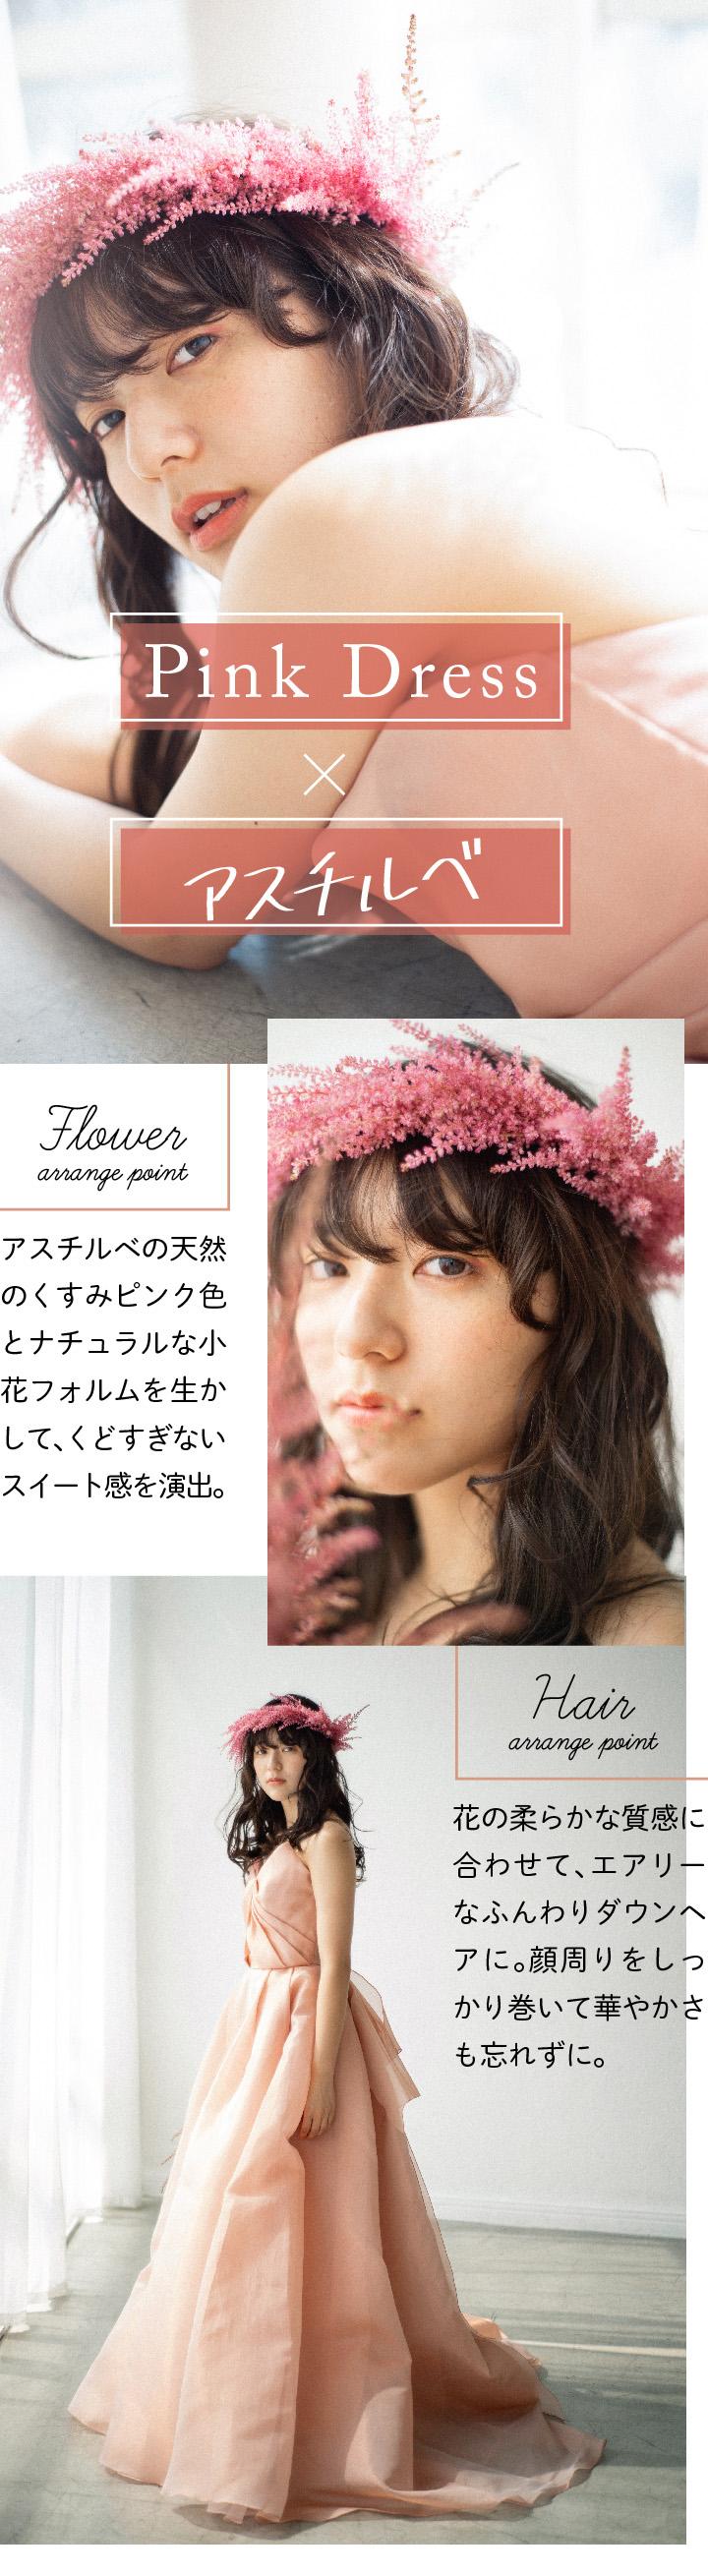 ピンクドレスにアスチルベを飾ったモデル画像